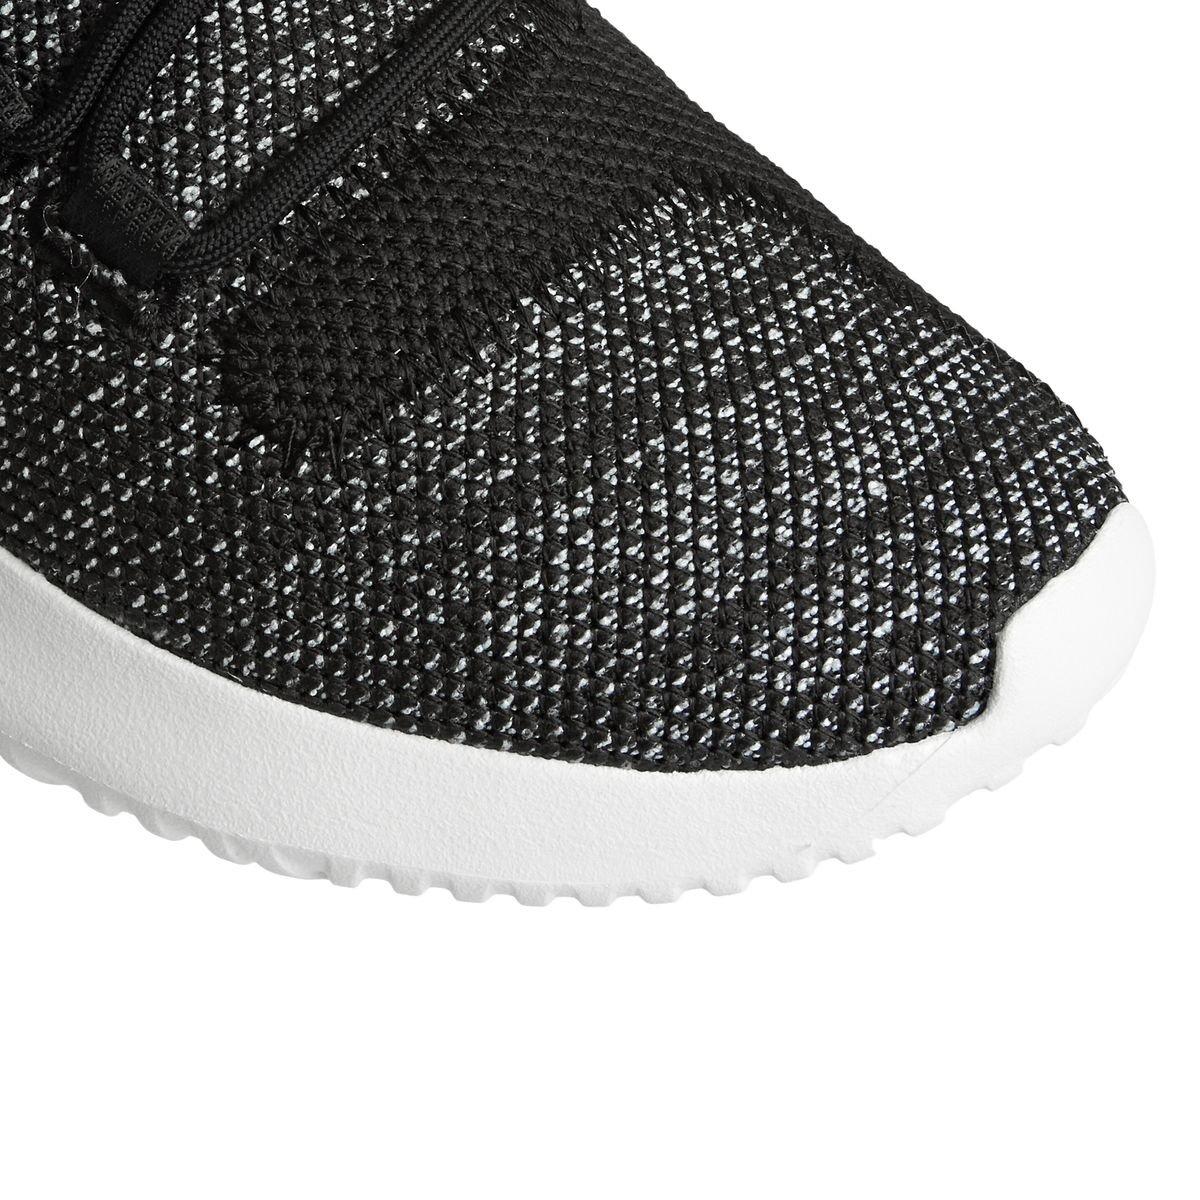 sale retailer c3e6c 93e3c adidas Tubular Shadow Knit, Sneaker Basses Homme  Amazon.fr  Chaussures et  Sacs